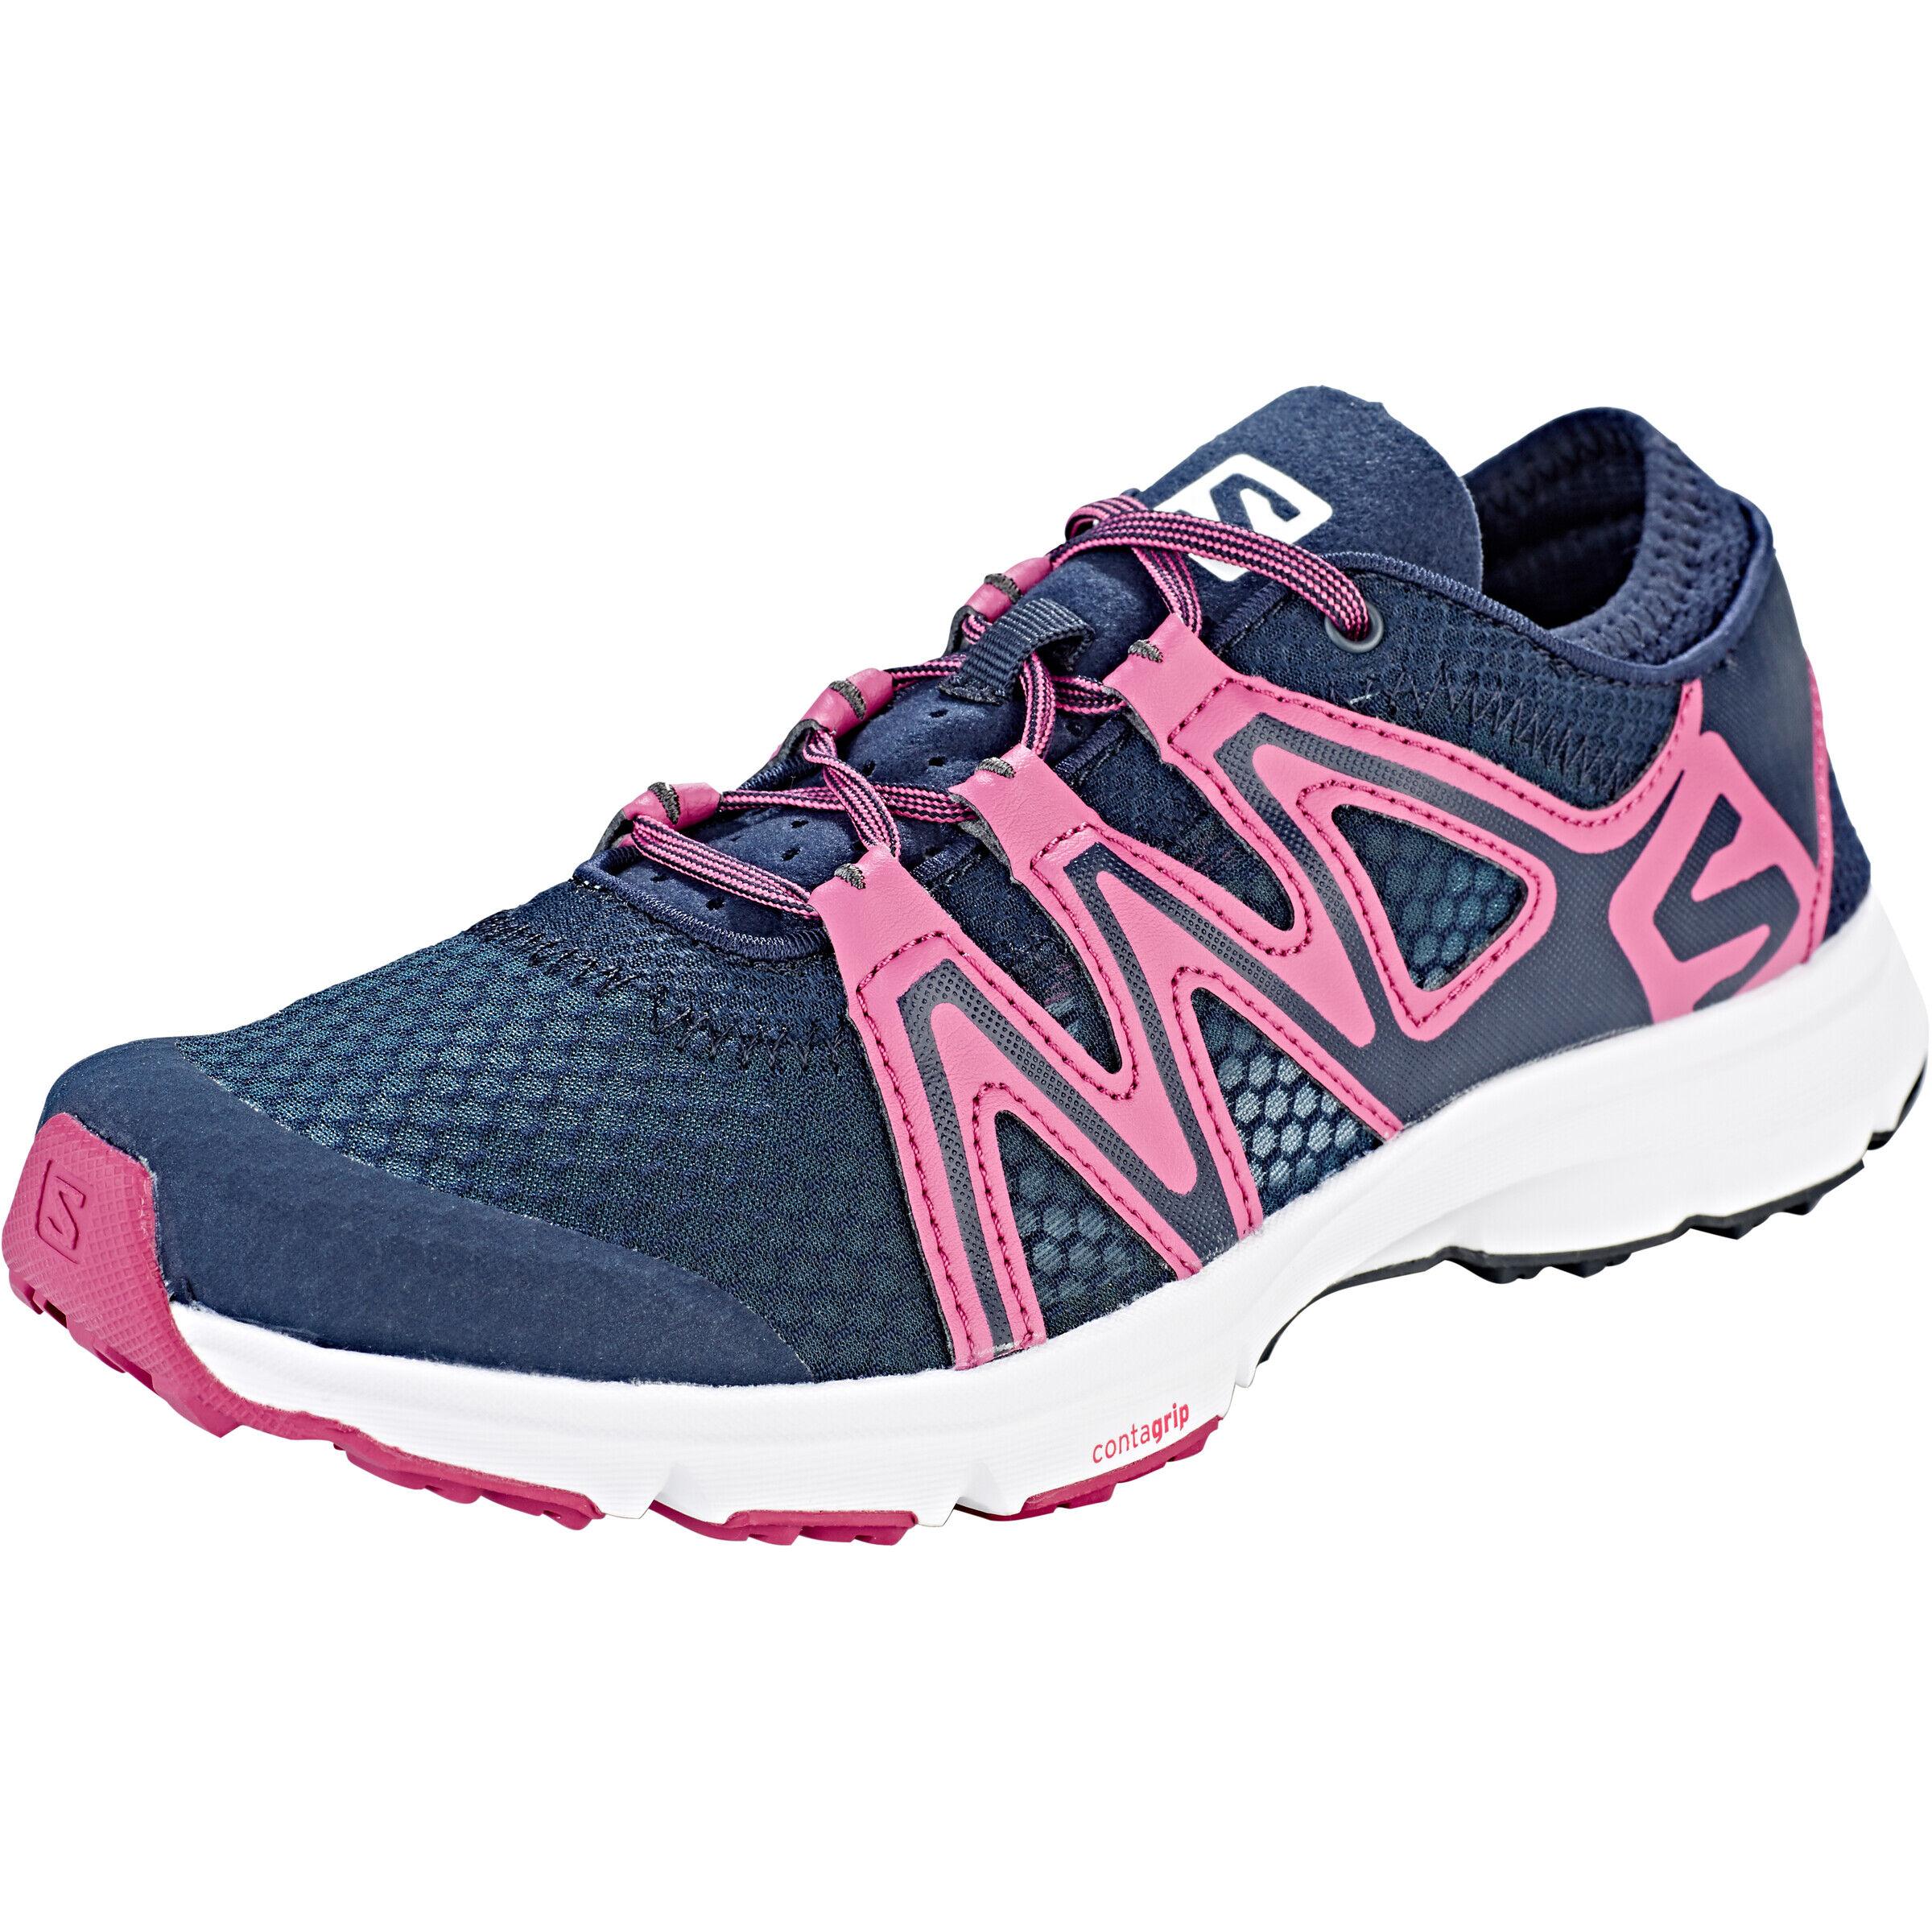 Salomon Crossamphibian Swift Men's Running Shoes